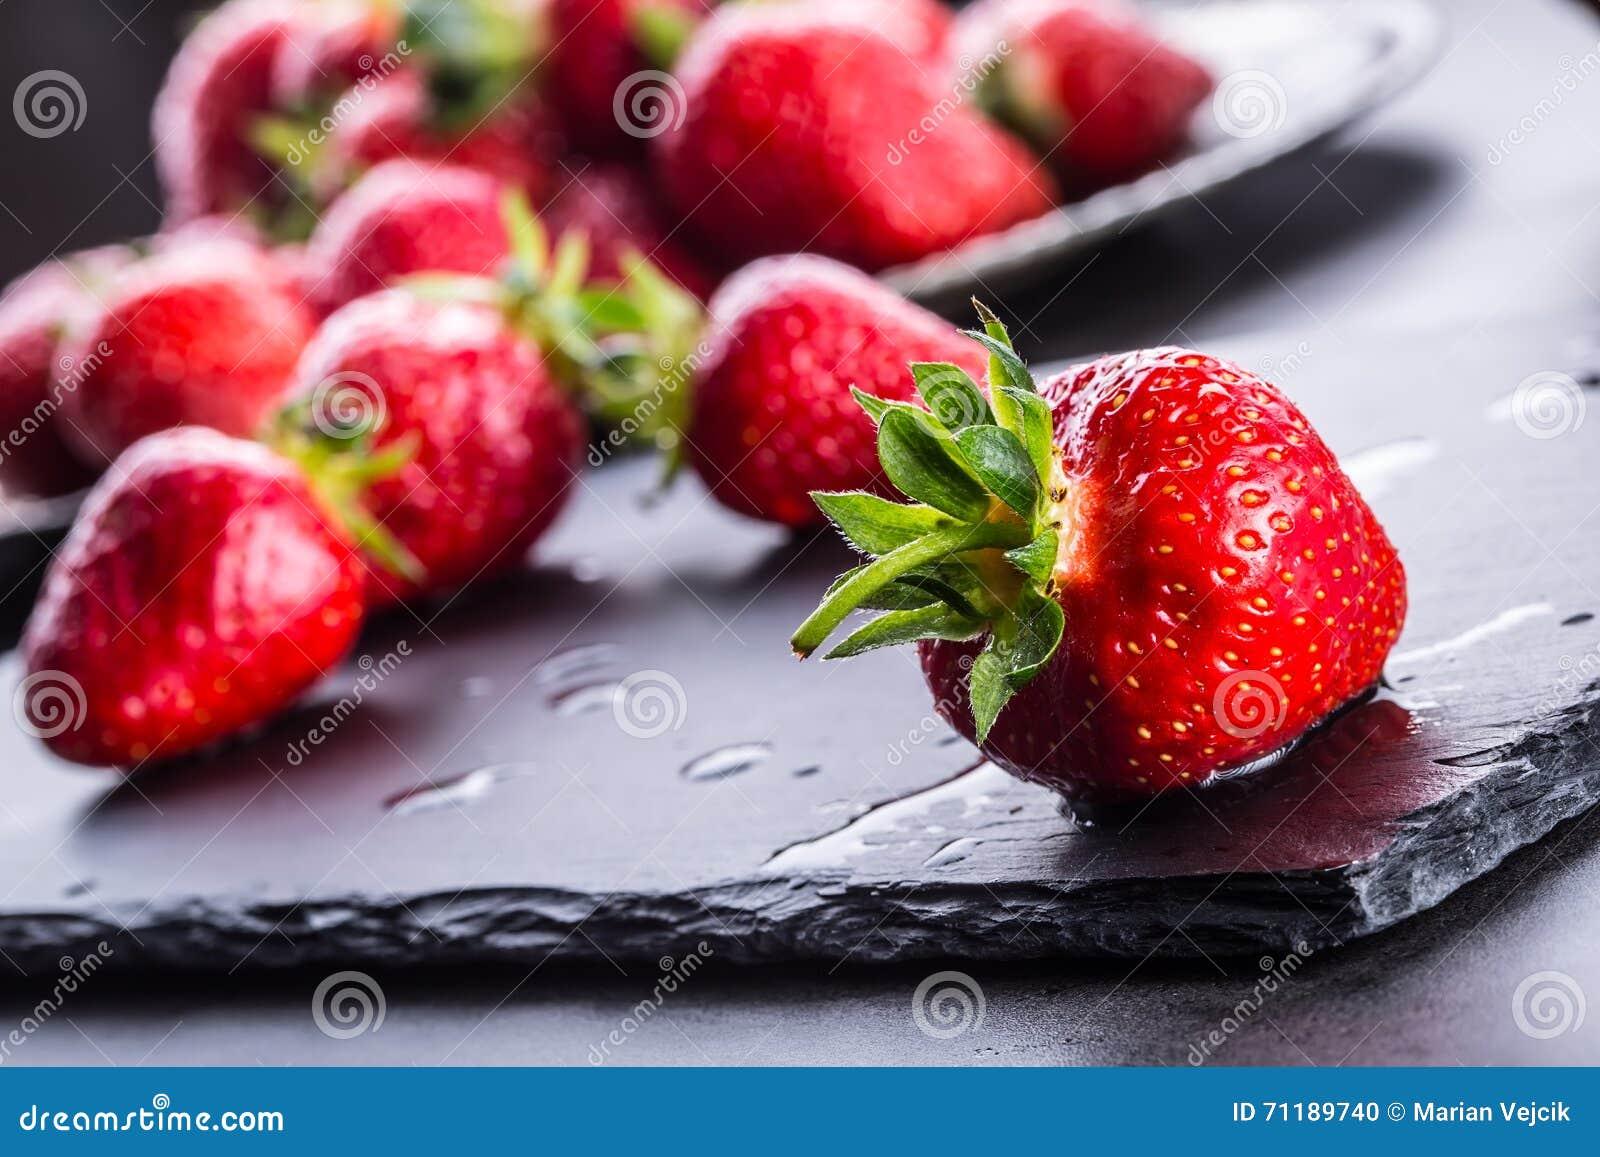 Fraise Fraise fraîche Strewberry rouge Jus de fraise Fraises lâchement étendues dans différentes positions